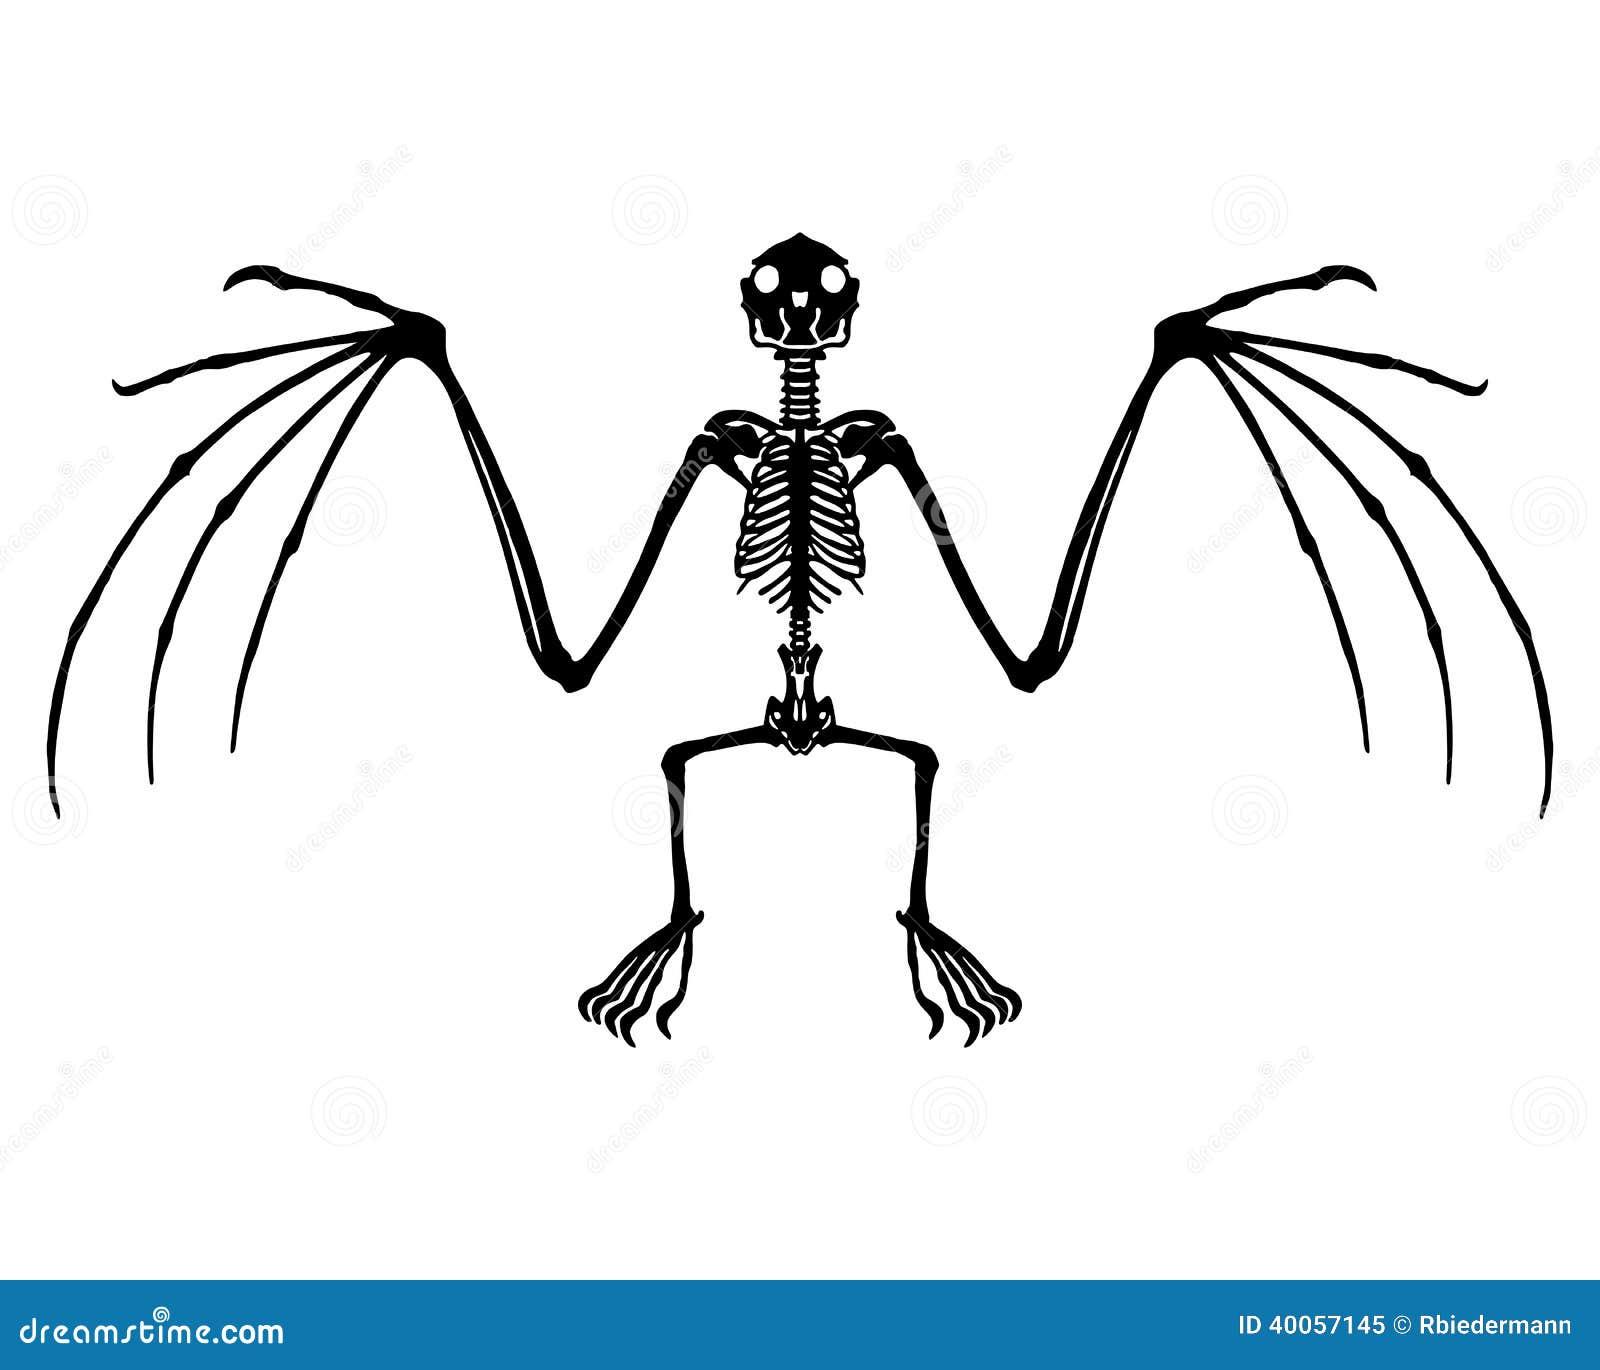 Tweak bird the bones download